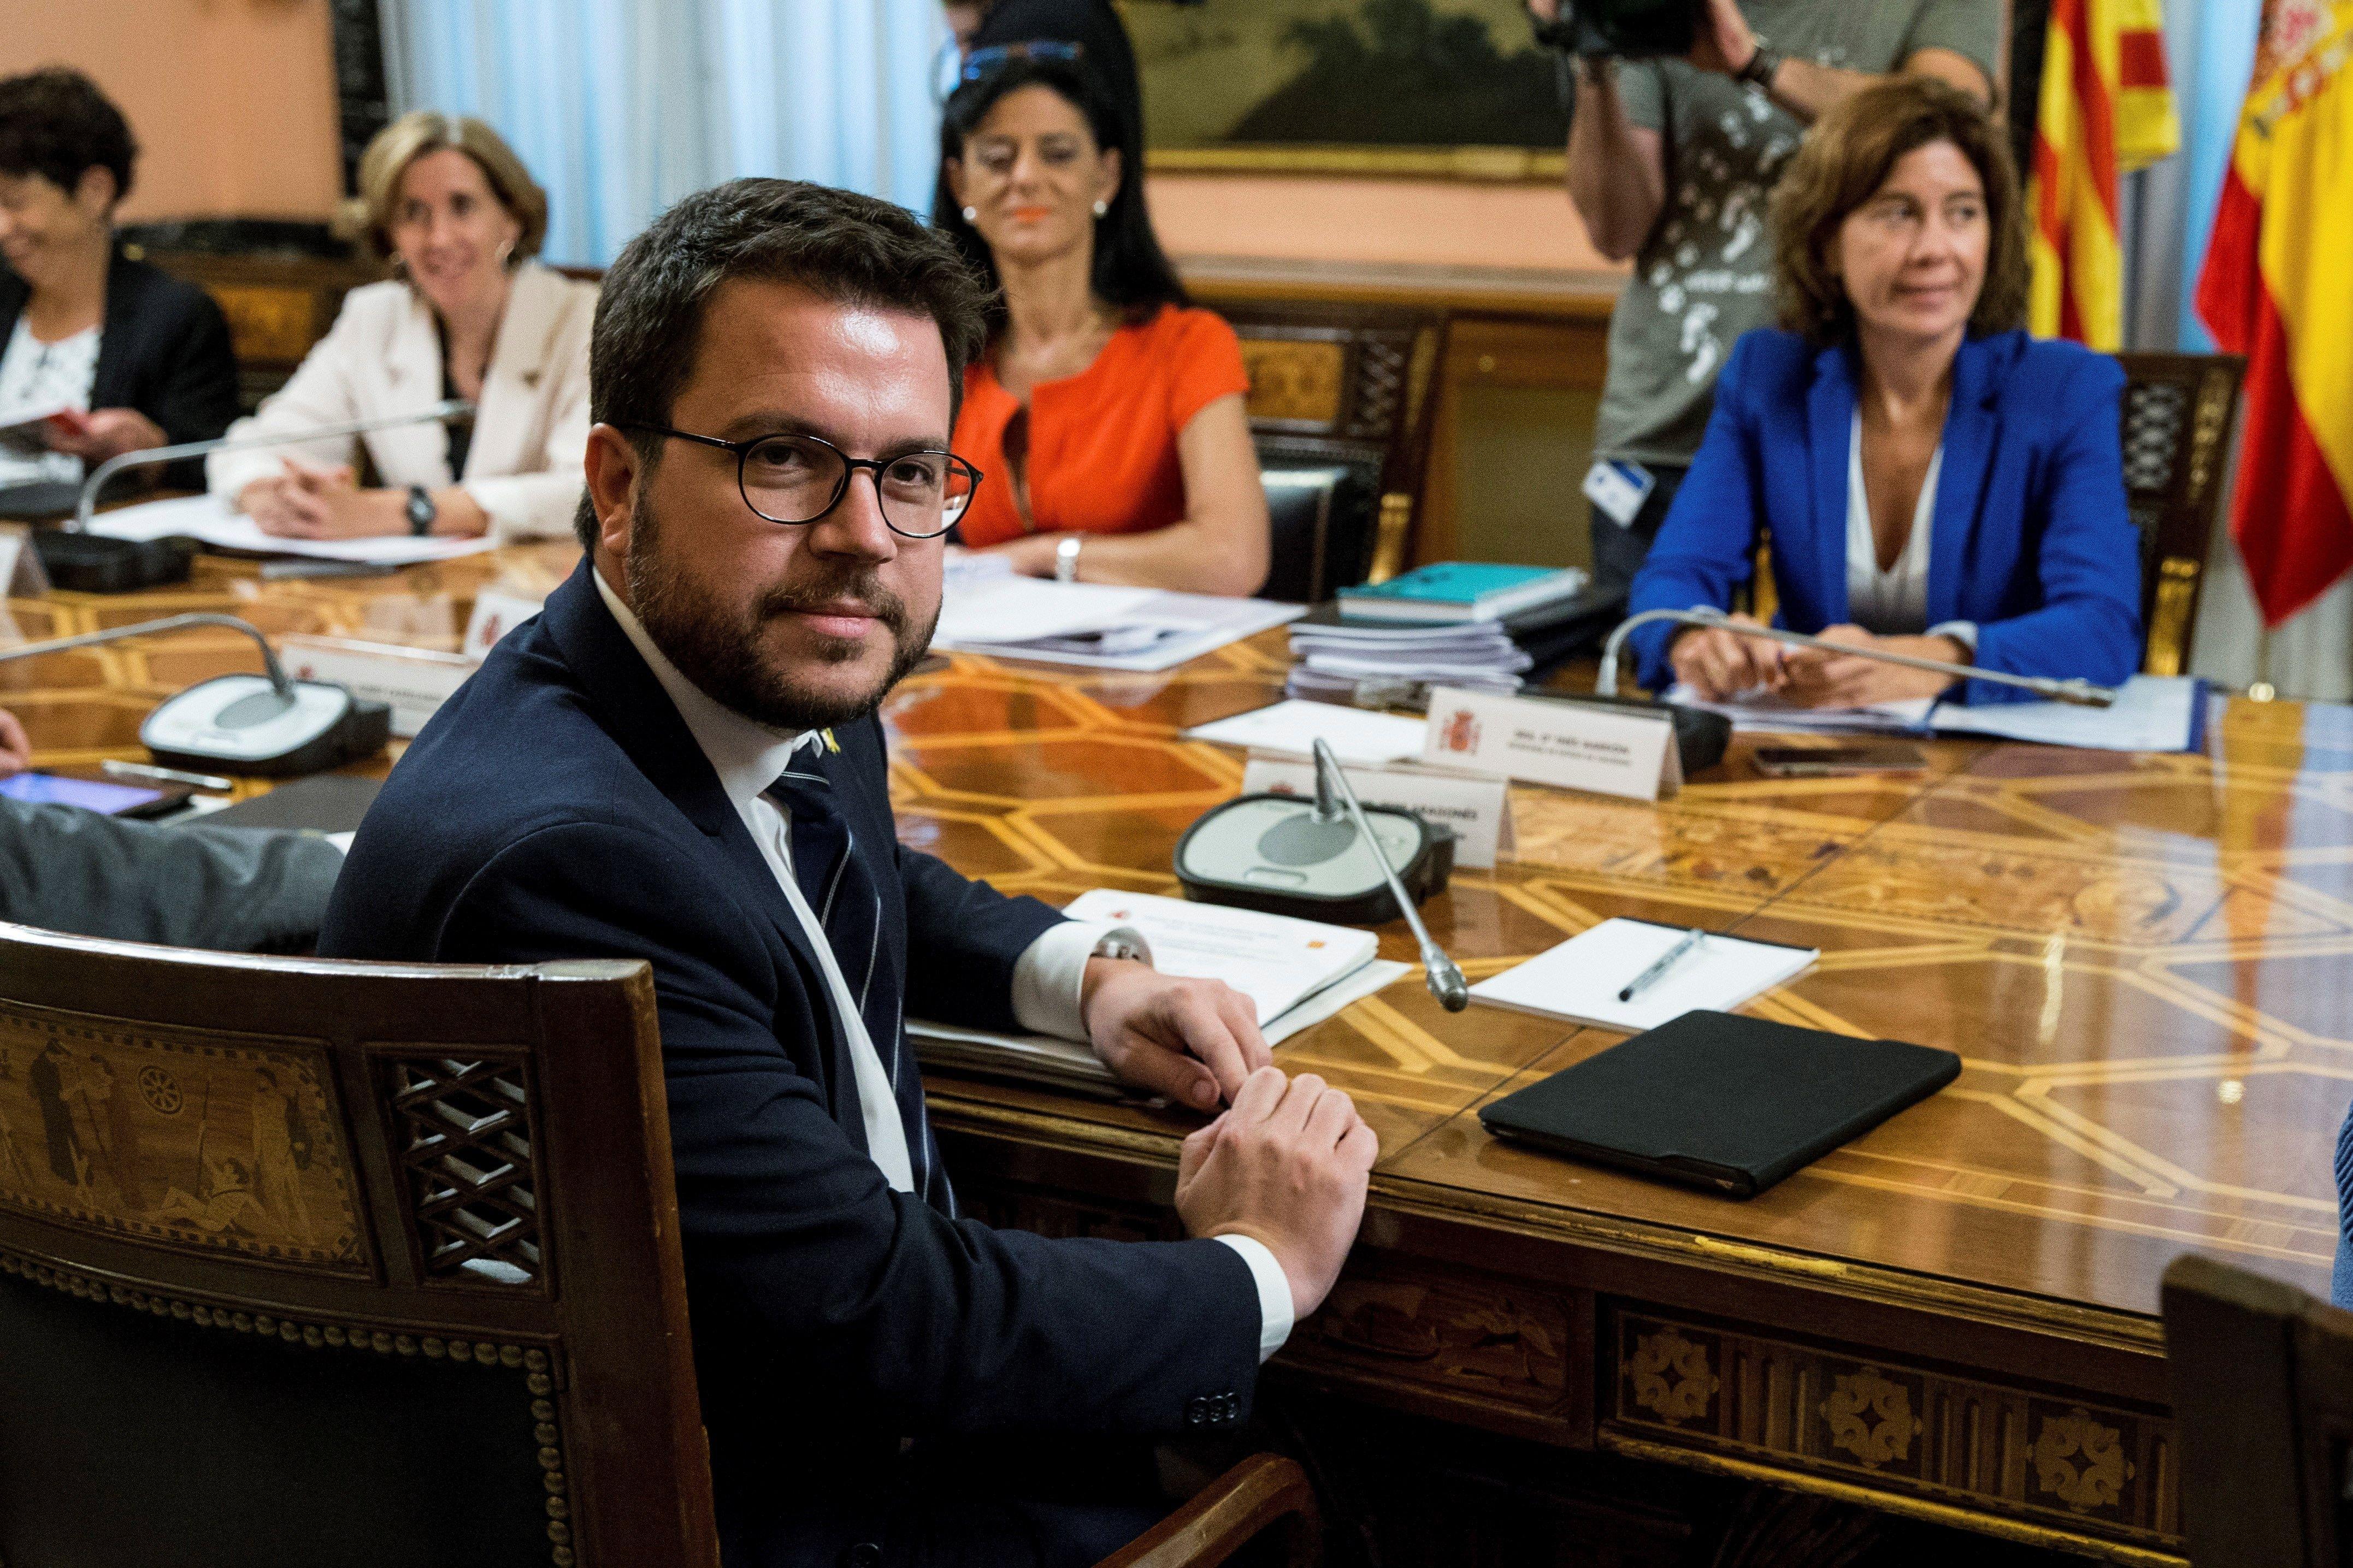 Aragonès Comissió Mixta Estat-Generalitat d'Afers Econòmics i Fiscals -Efe